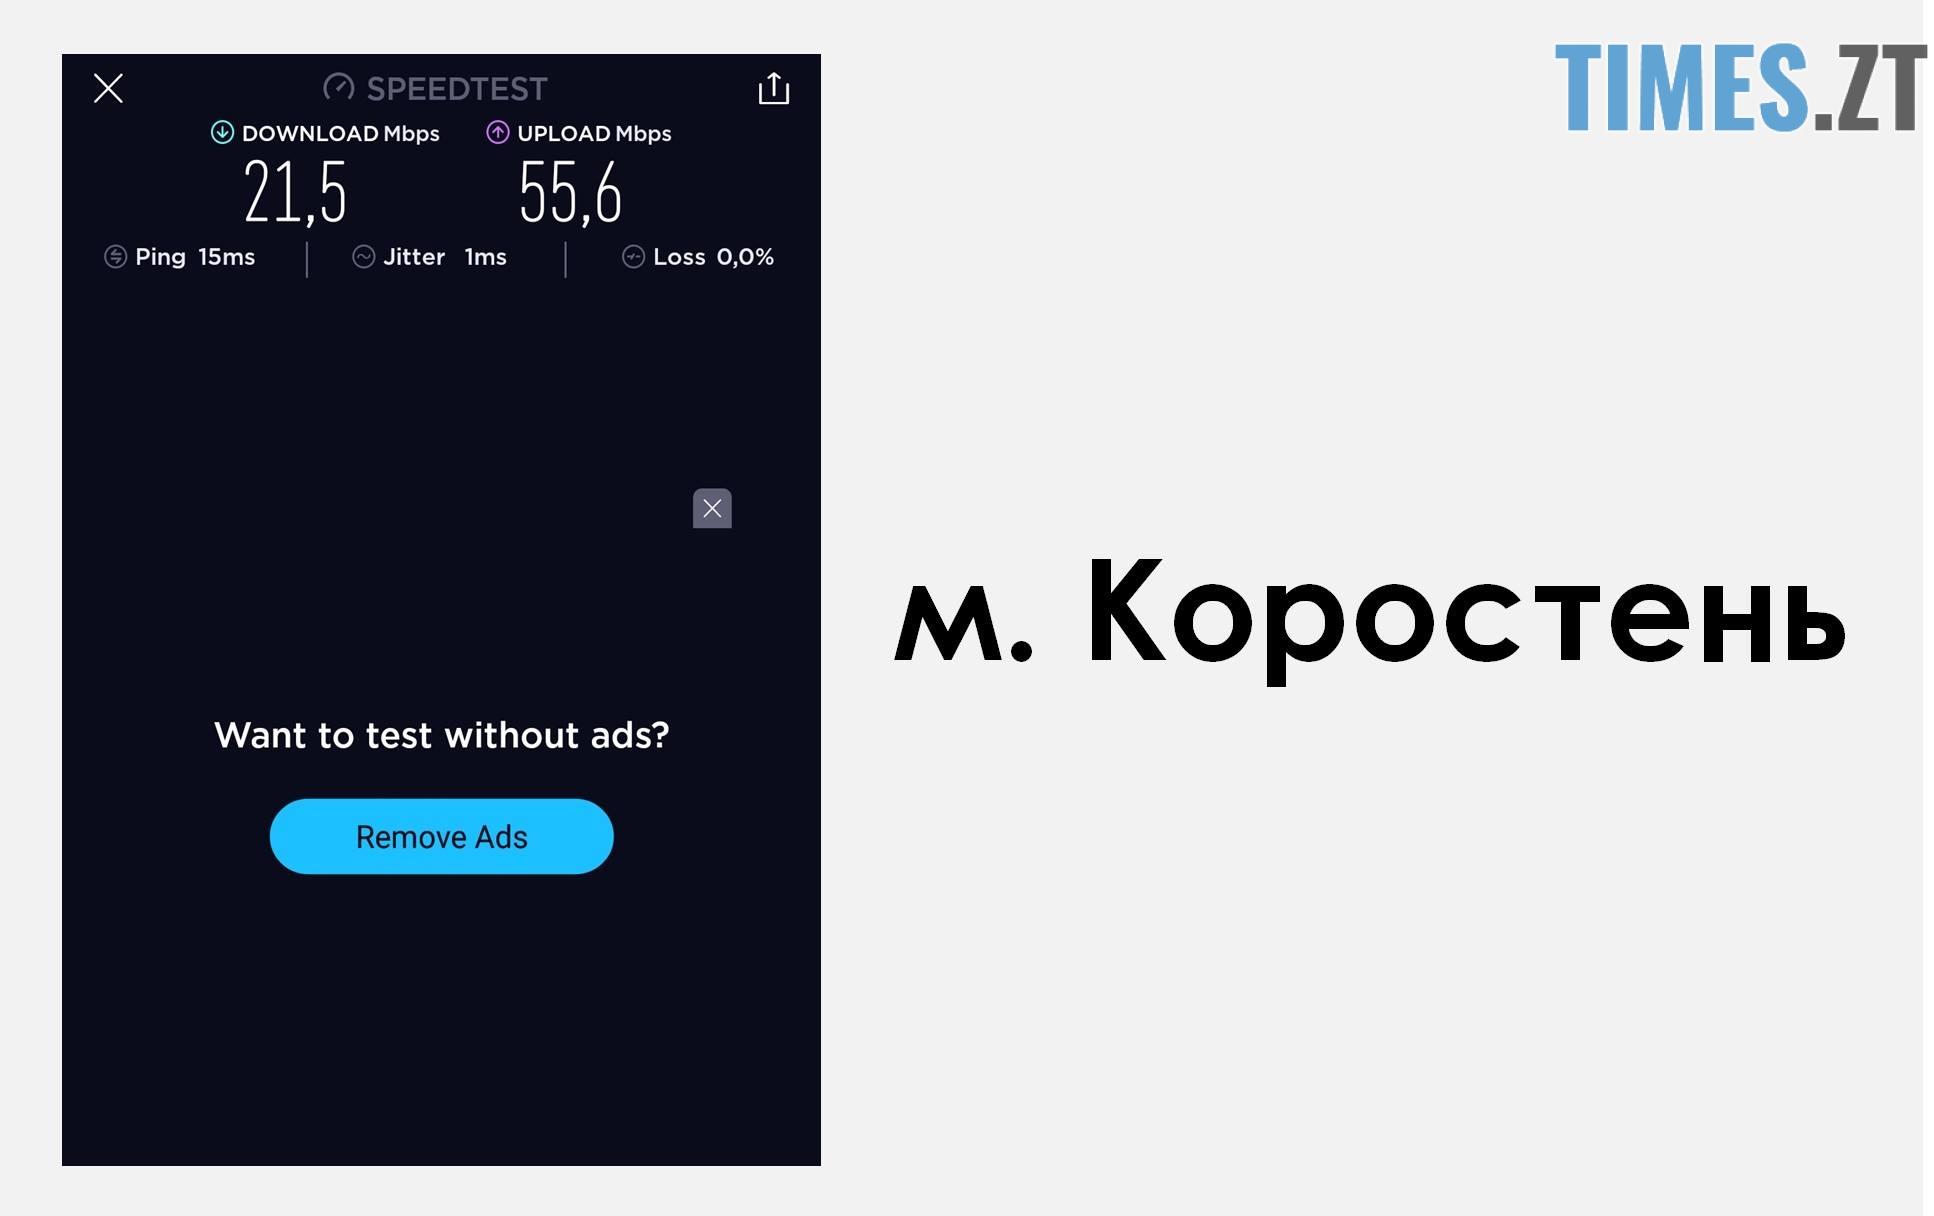 42044442 401518587050592 9004715067131822080 n - Зловимо 4G разом: що не так із сигналом в Житомирській області